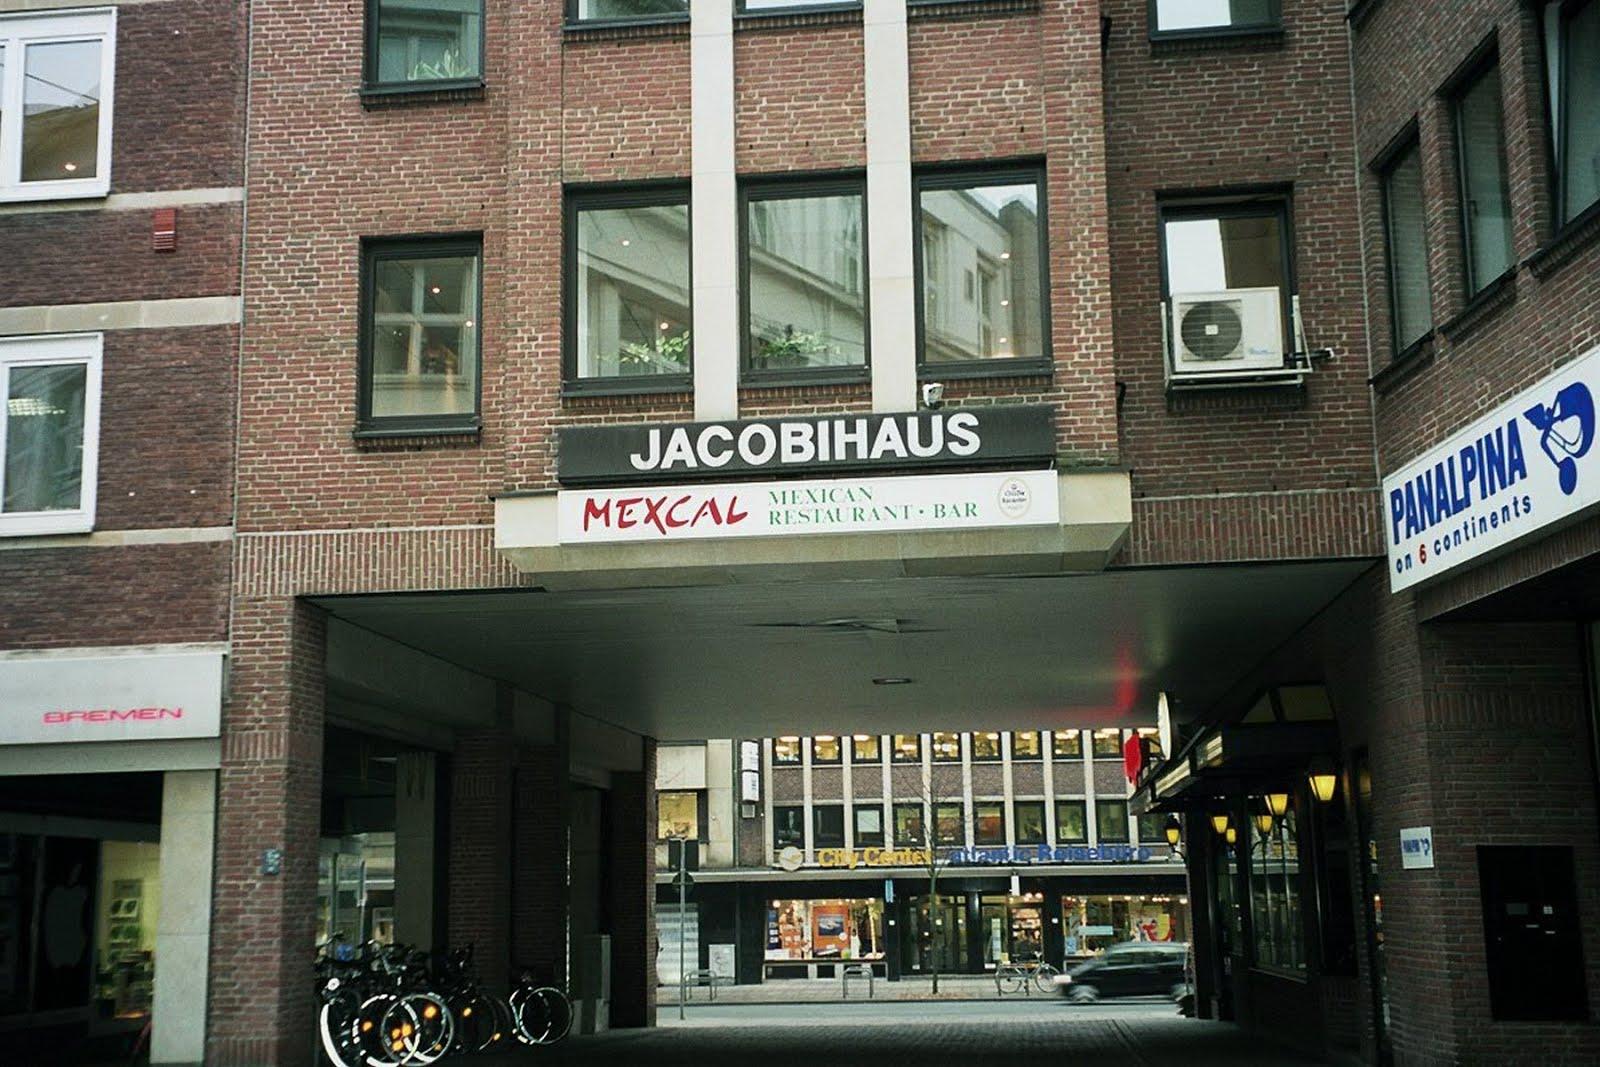 Jacobihaus Bremen